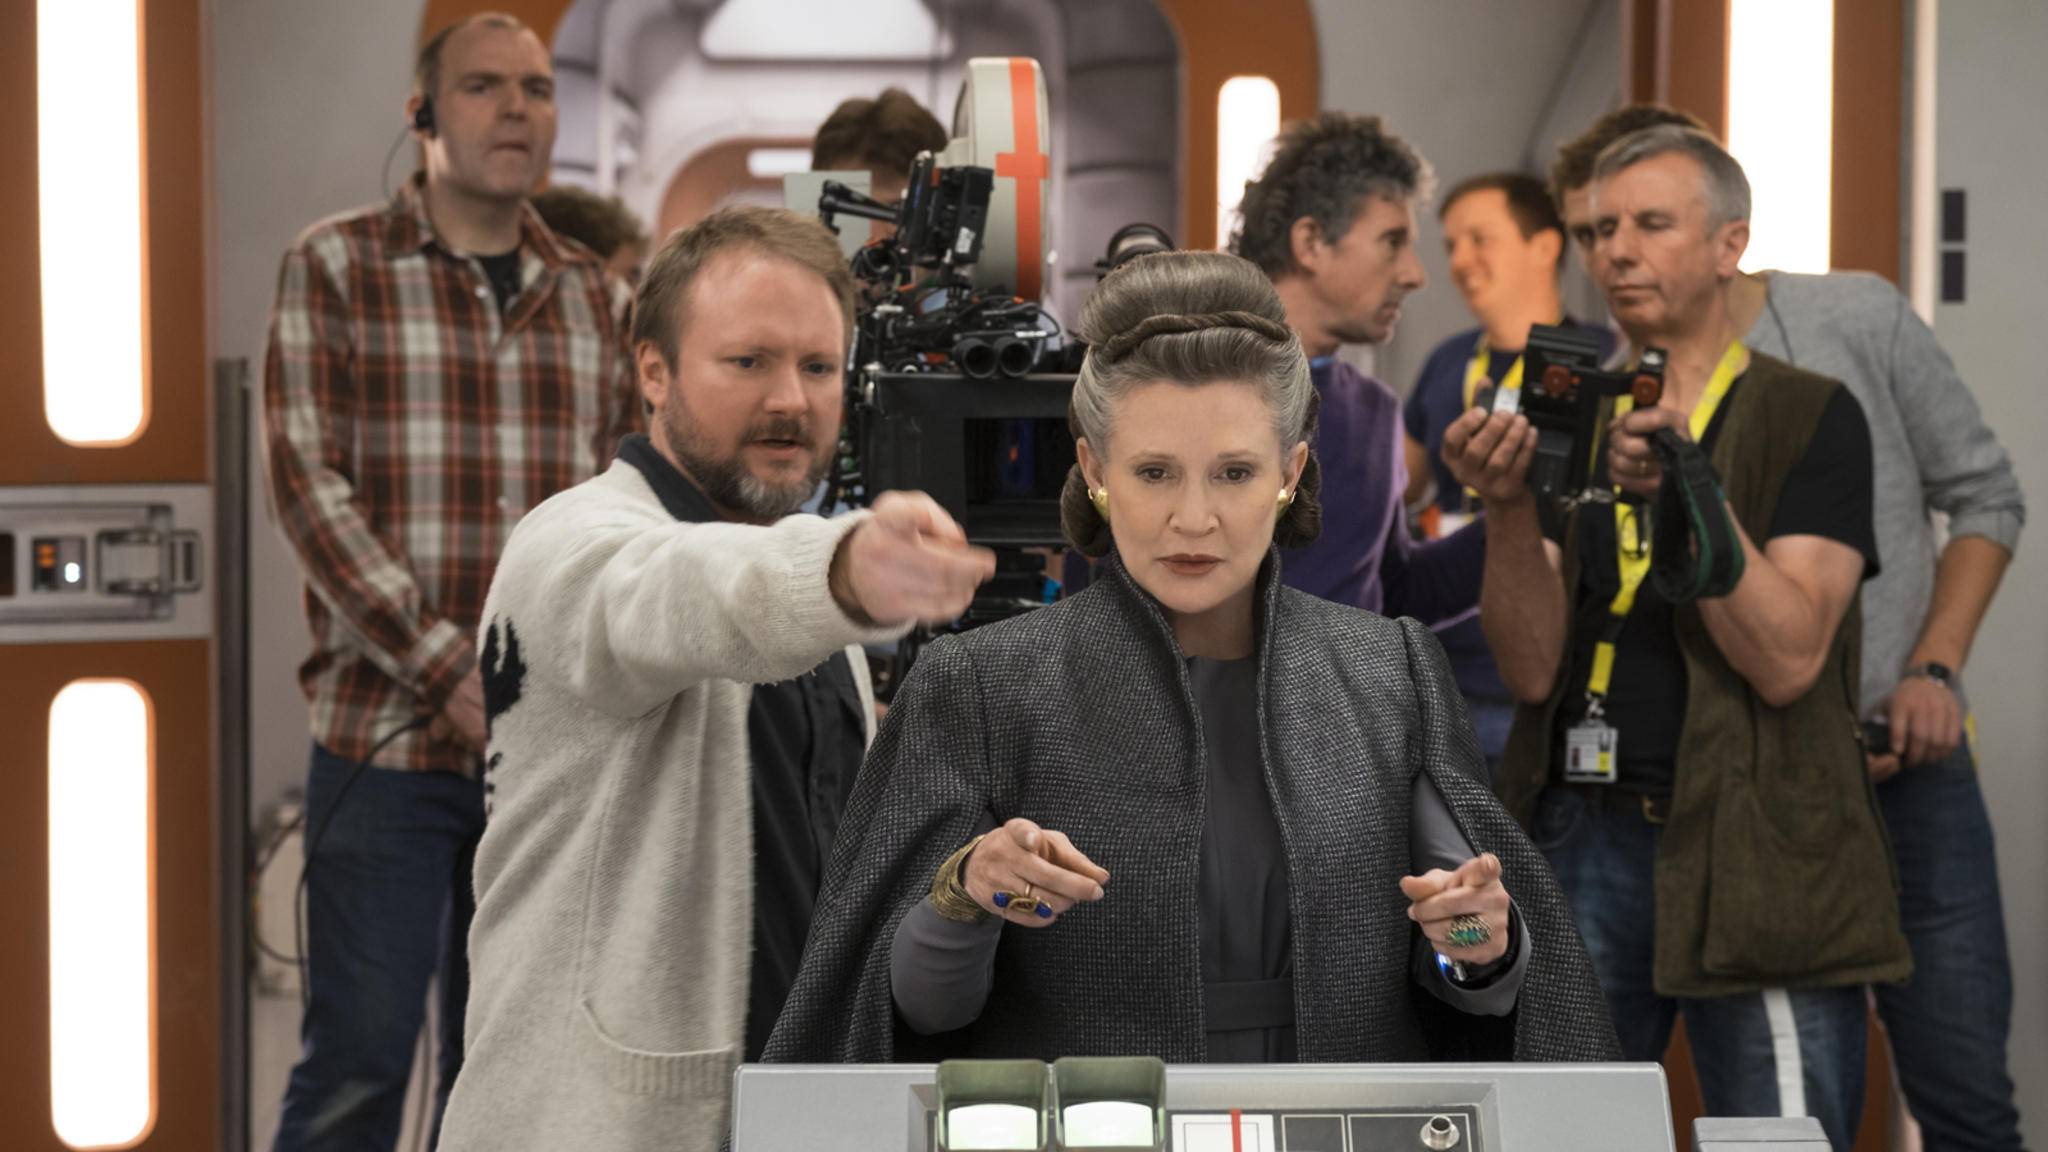 """Würde jemand die Zeit für Regisseur Rian Johnson zurückdrehen, er würde an """"Star Wars: Die letzten Jedi"""" nichts ändern!"""